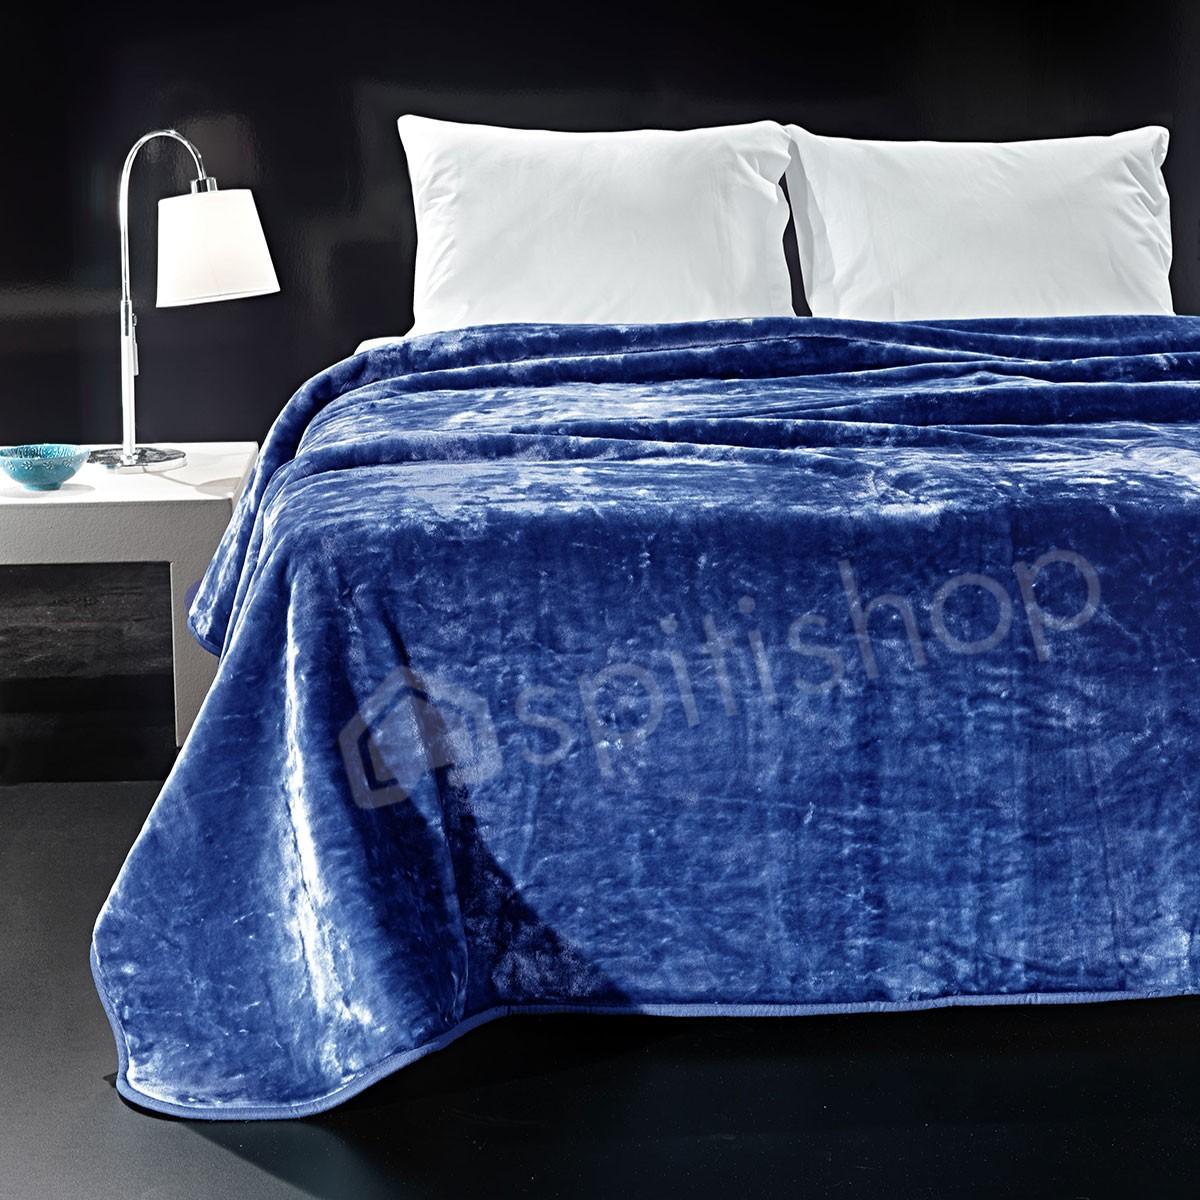 Κουβέρτα Βελουτέ Μονή Nima Kids Koyun Skydiver home   κρεβατοκάμαρα   κουβέρτες   κουβέρτες βελουτέ μονές